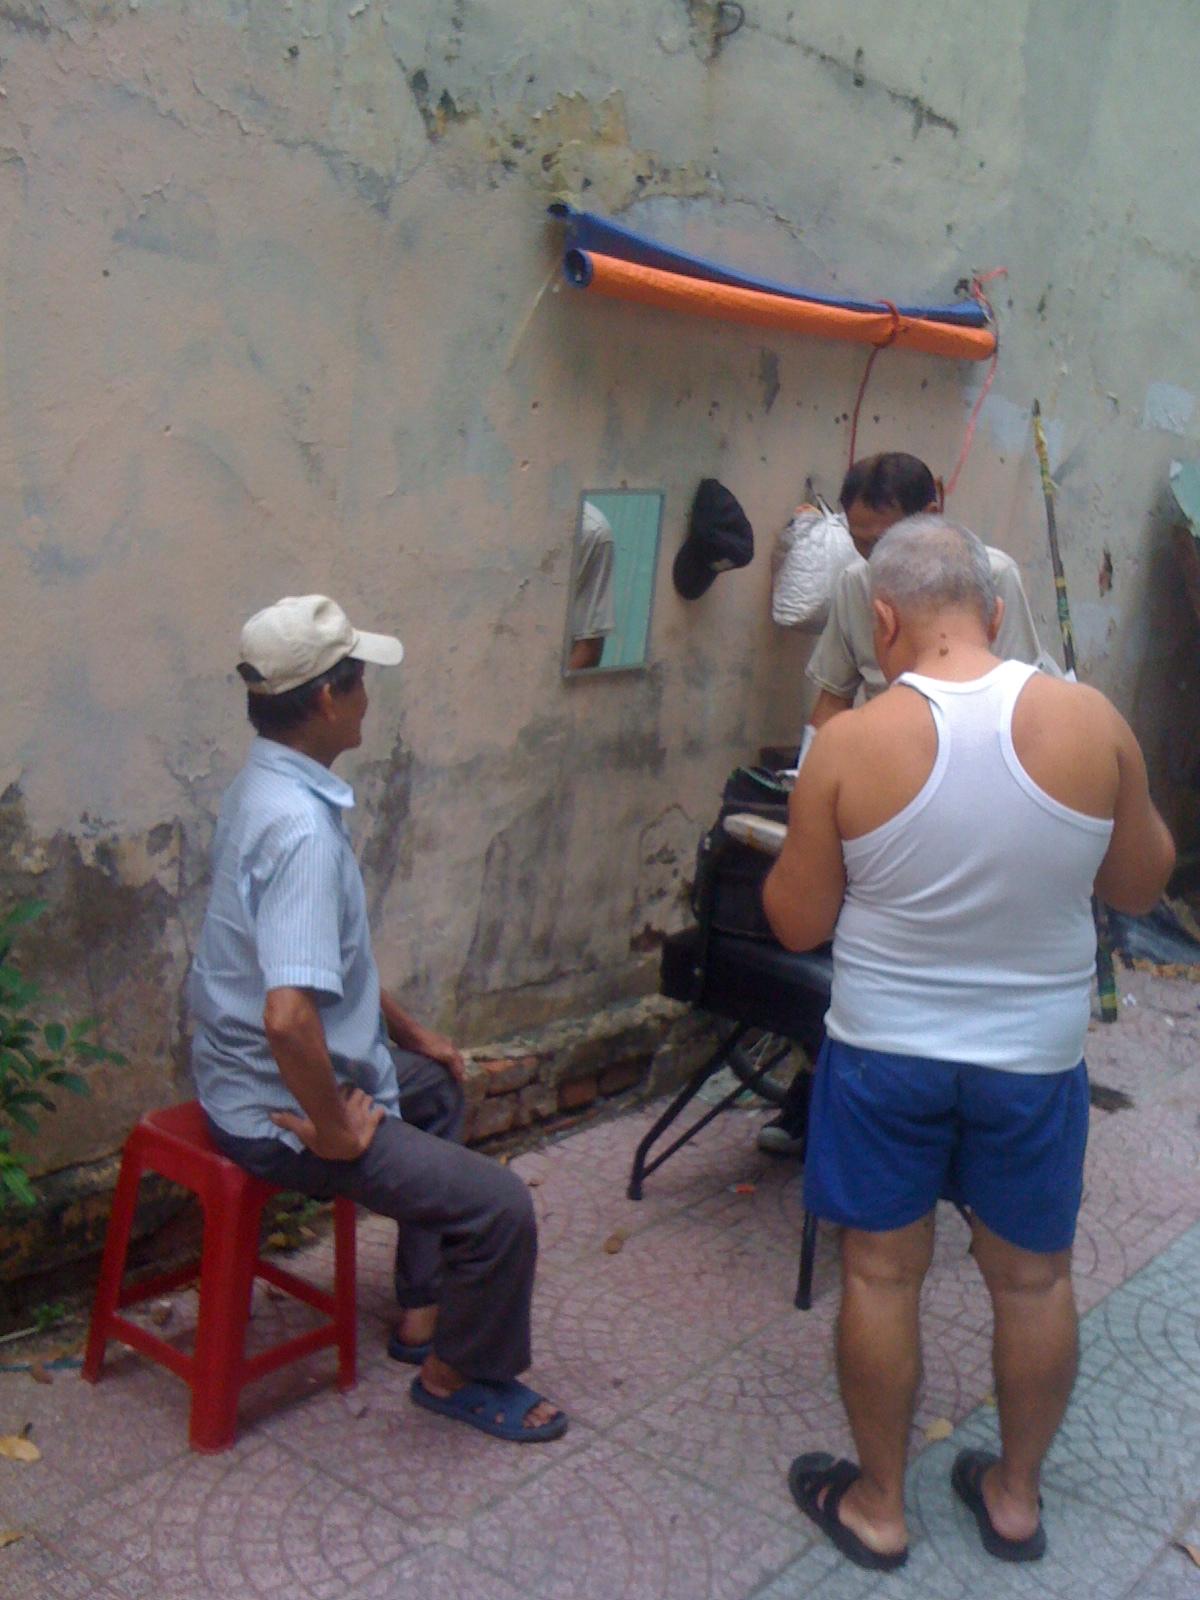 ベトナムの青空散髪屋